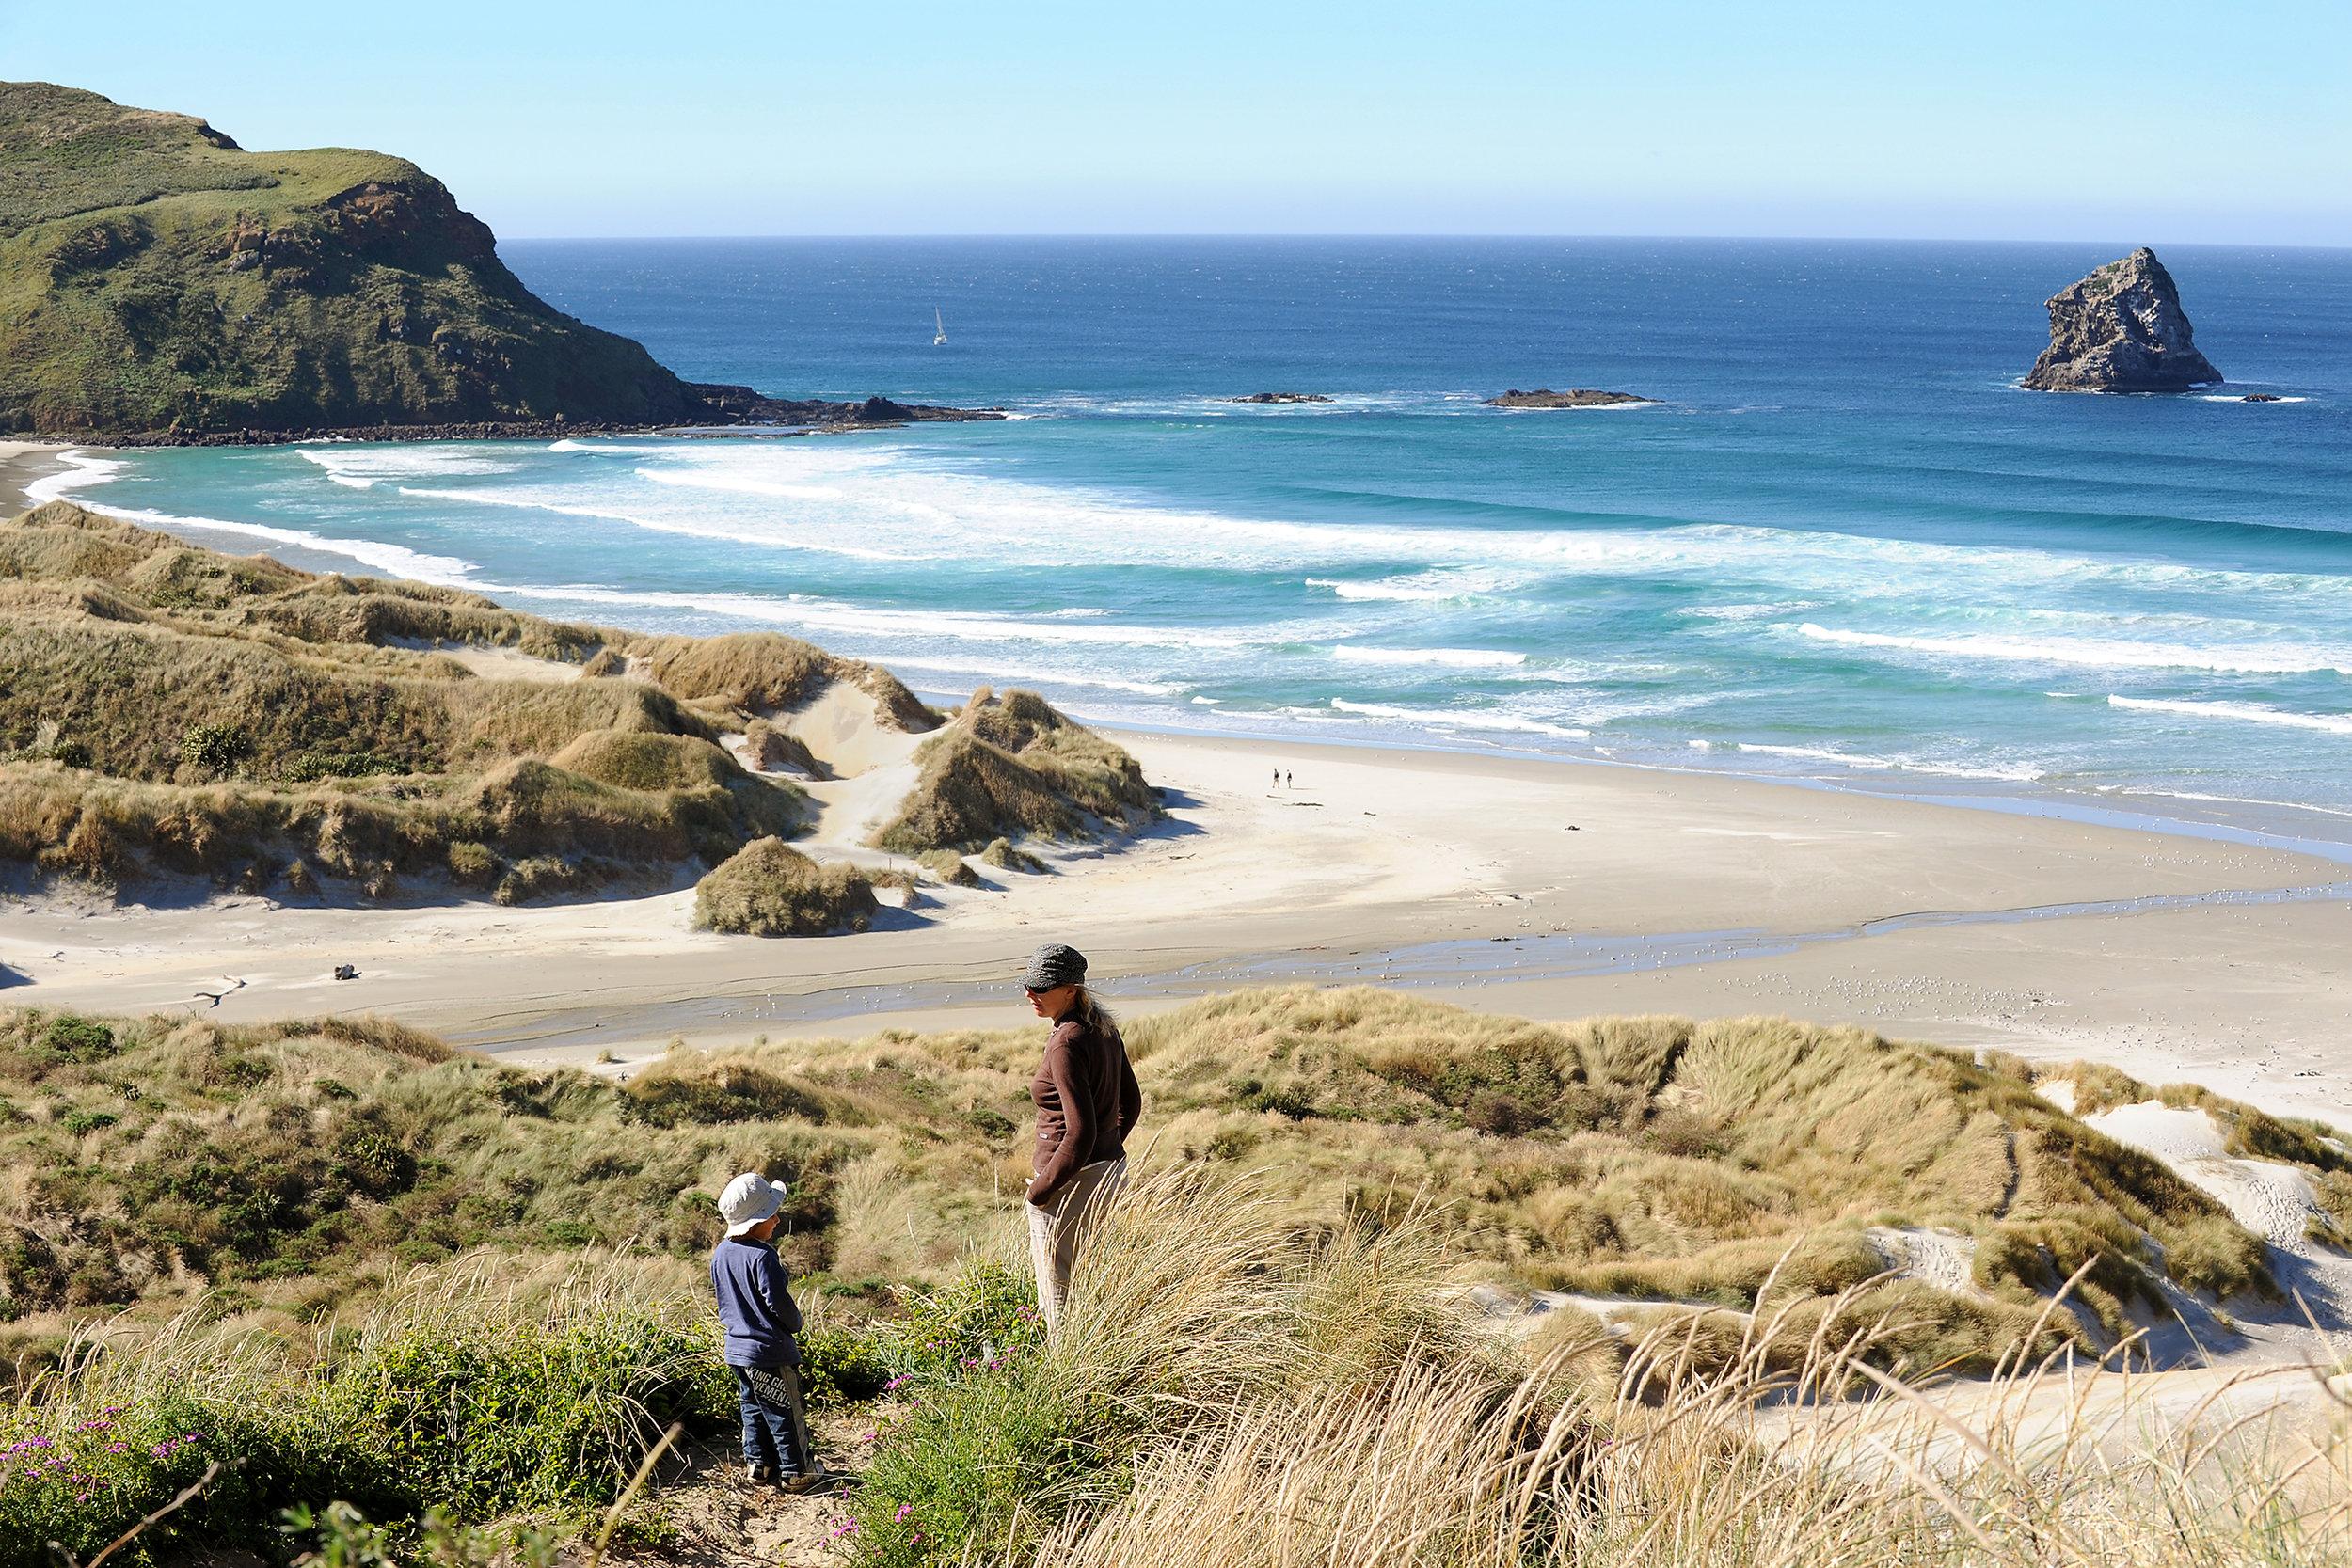 Uusi-Seelanti, Eteläsaari, Otago-niemimaa, Sandfly Bay